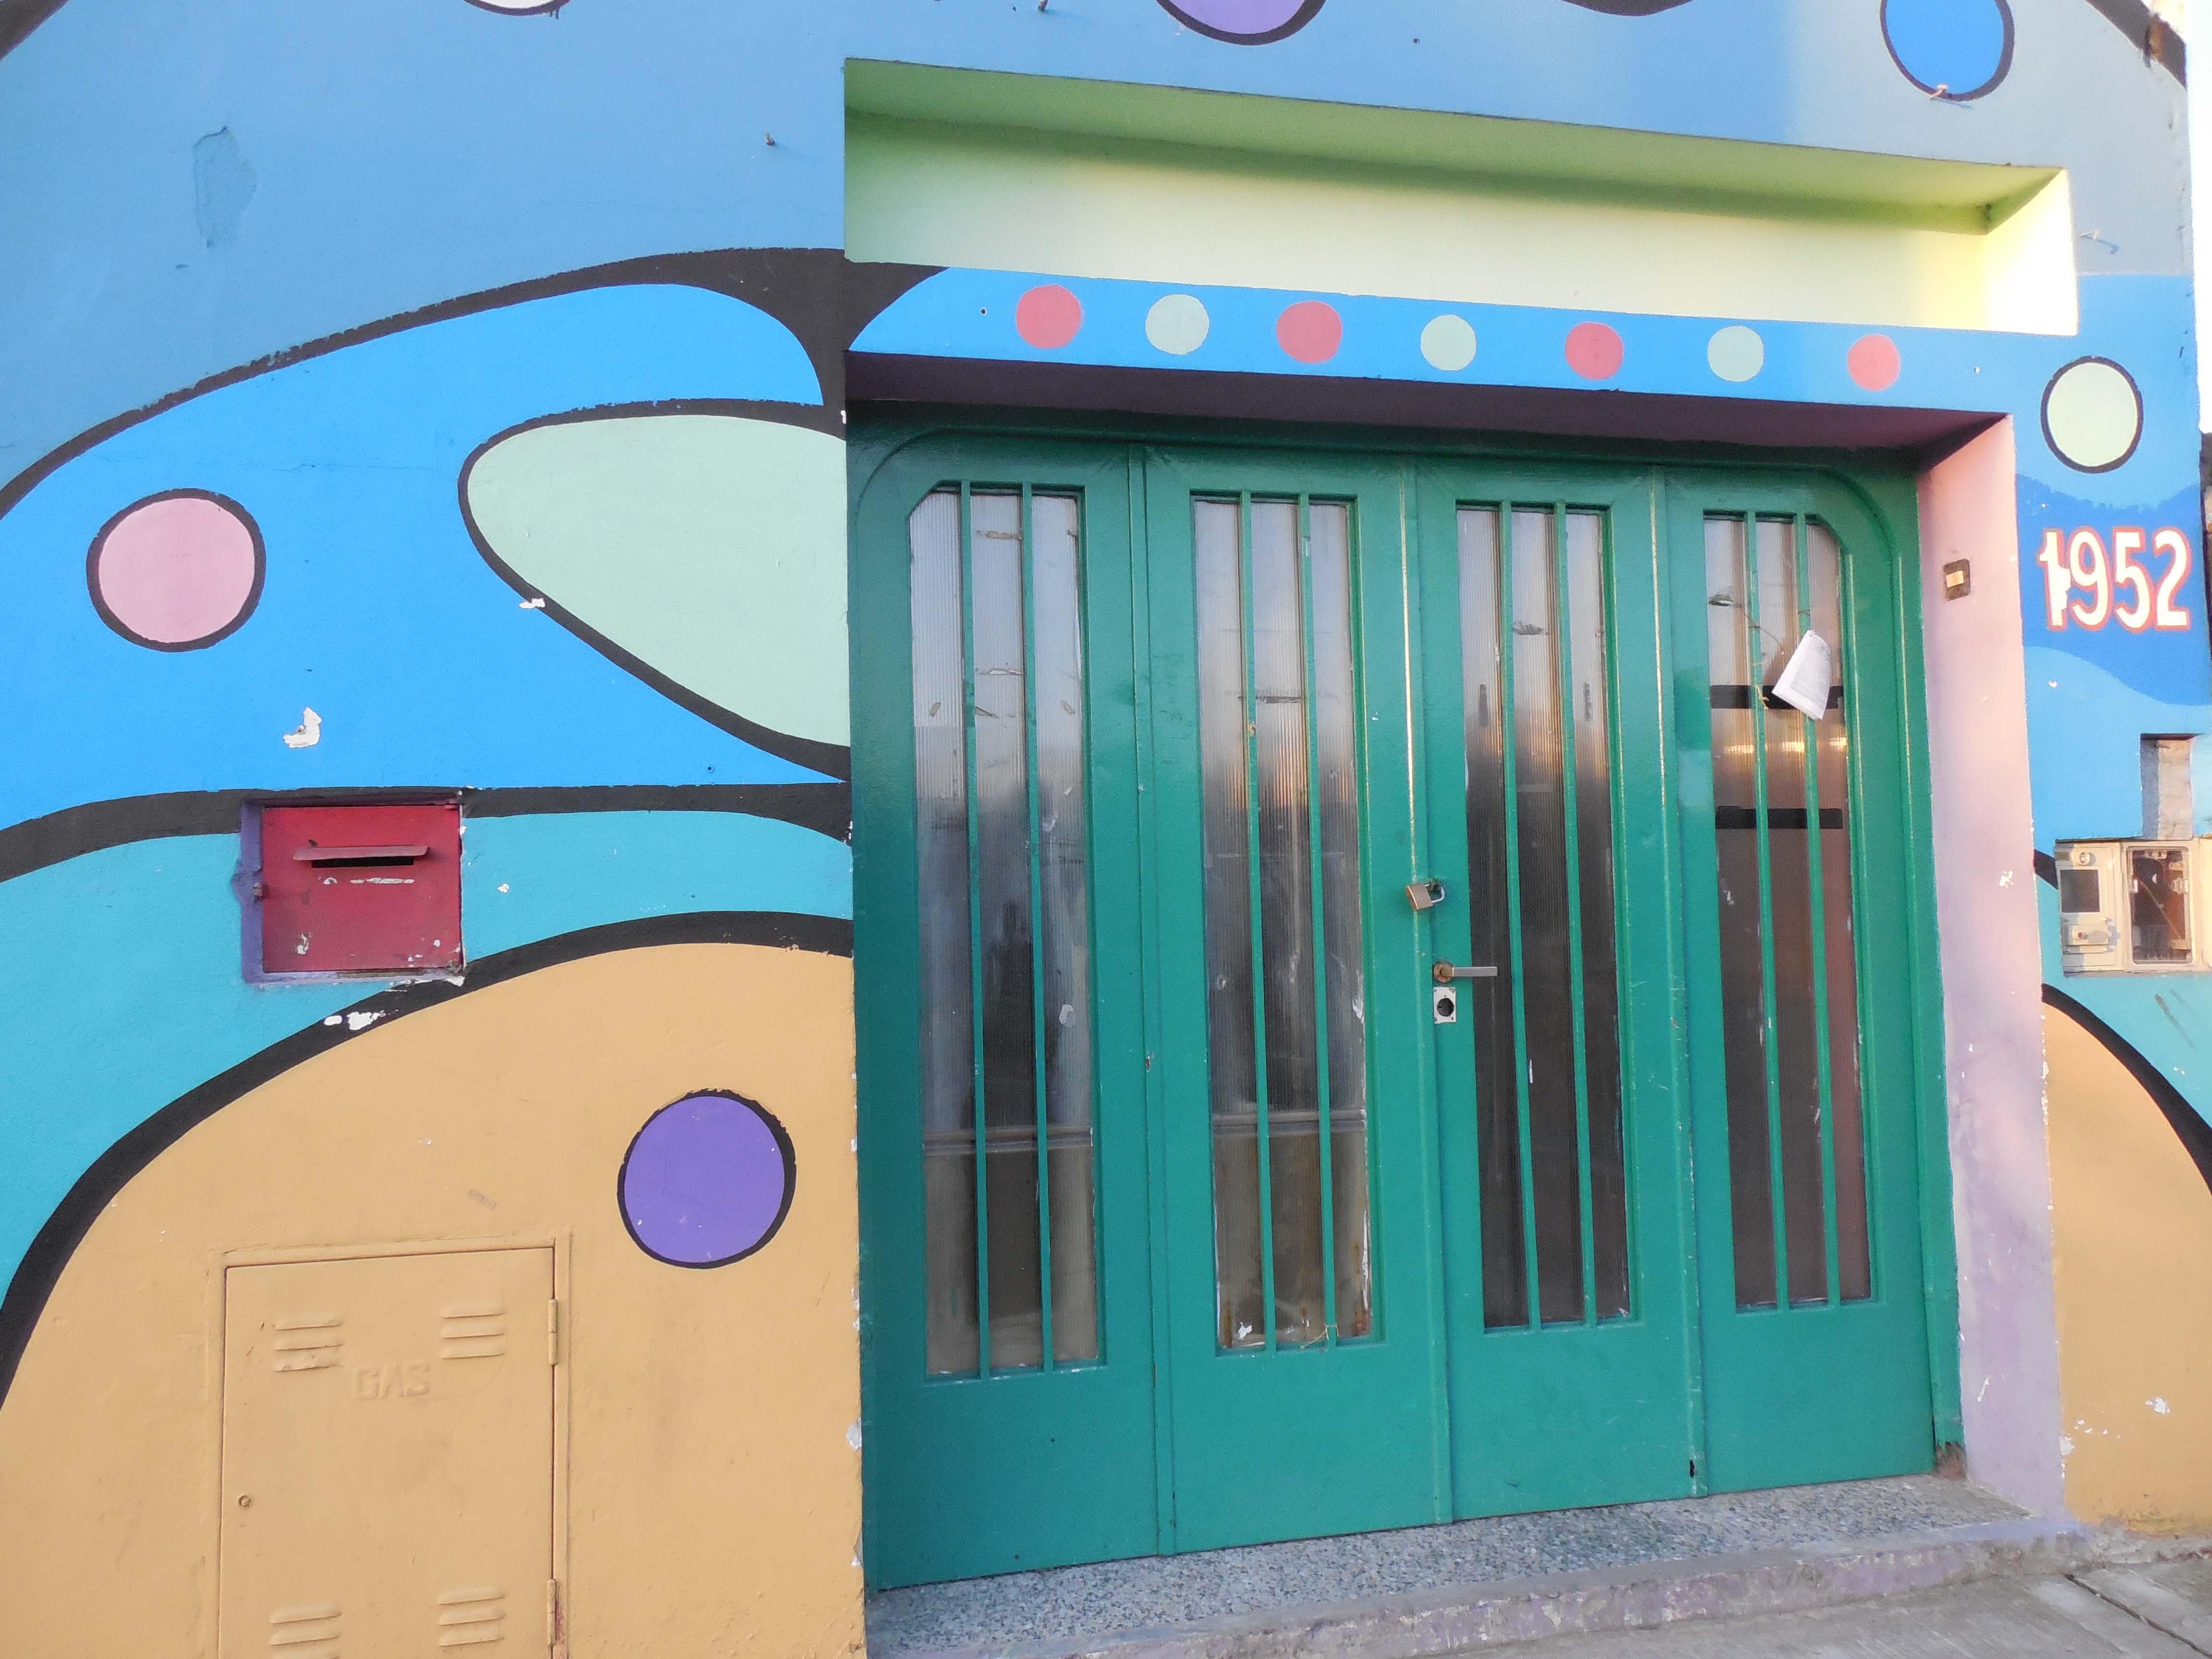 Puerta - Centro Cultural La Sociedad / Sociedad de Fomento y Cultura Manuel Ocampo